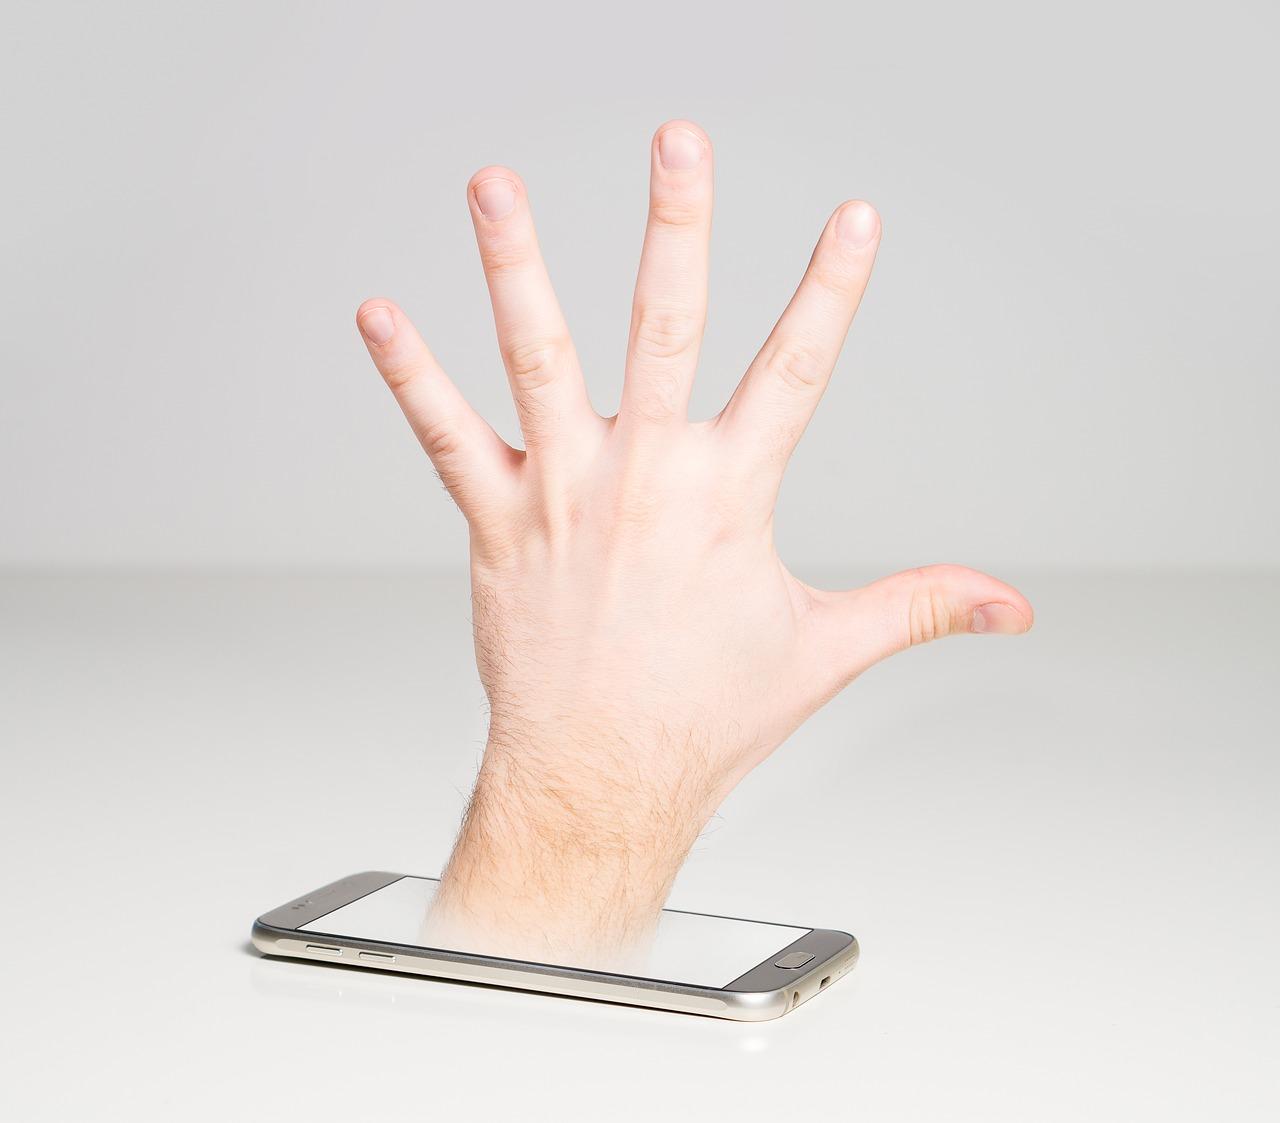 携帯スマホがウイルスに感染!?その対処法